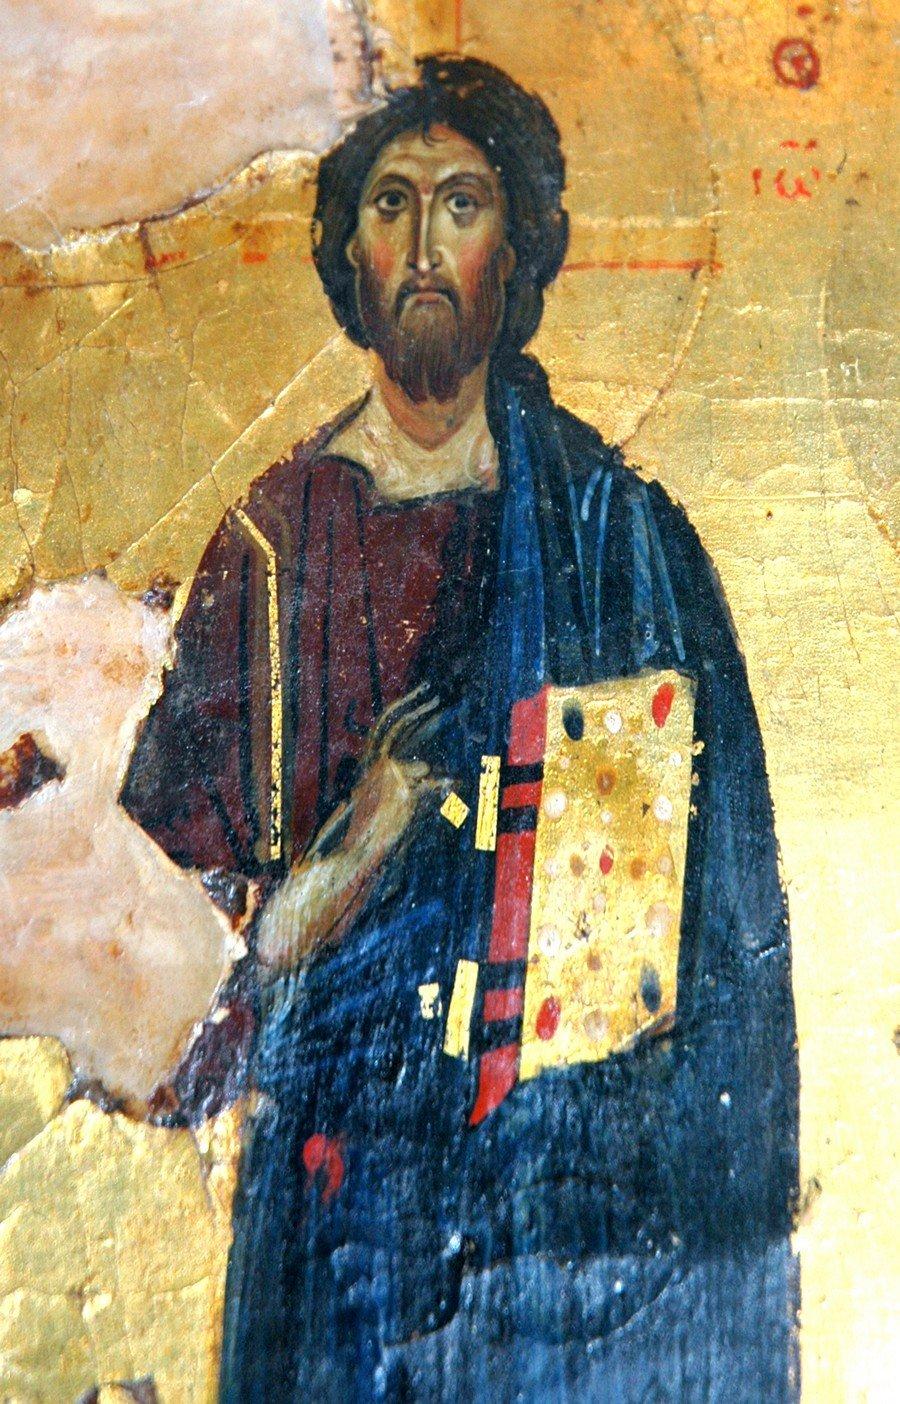 Христос Пантократор. Фрагмент эпистилия темплона. Византия, XI - XII век. Монастырь Святой Екатерины на Синае.